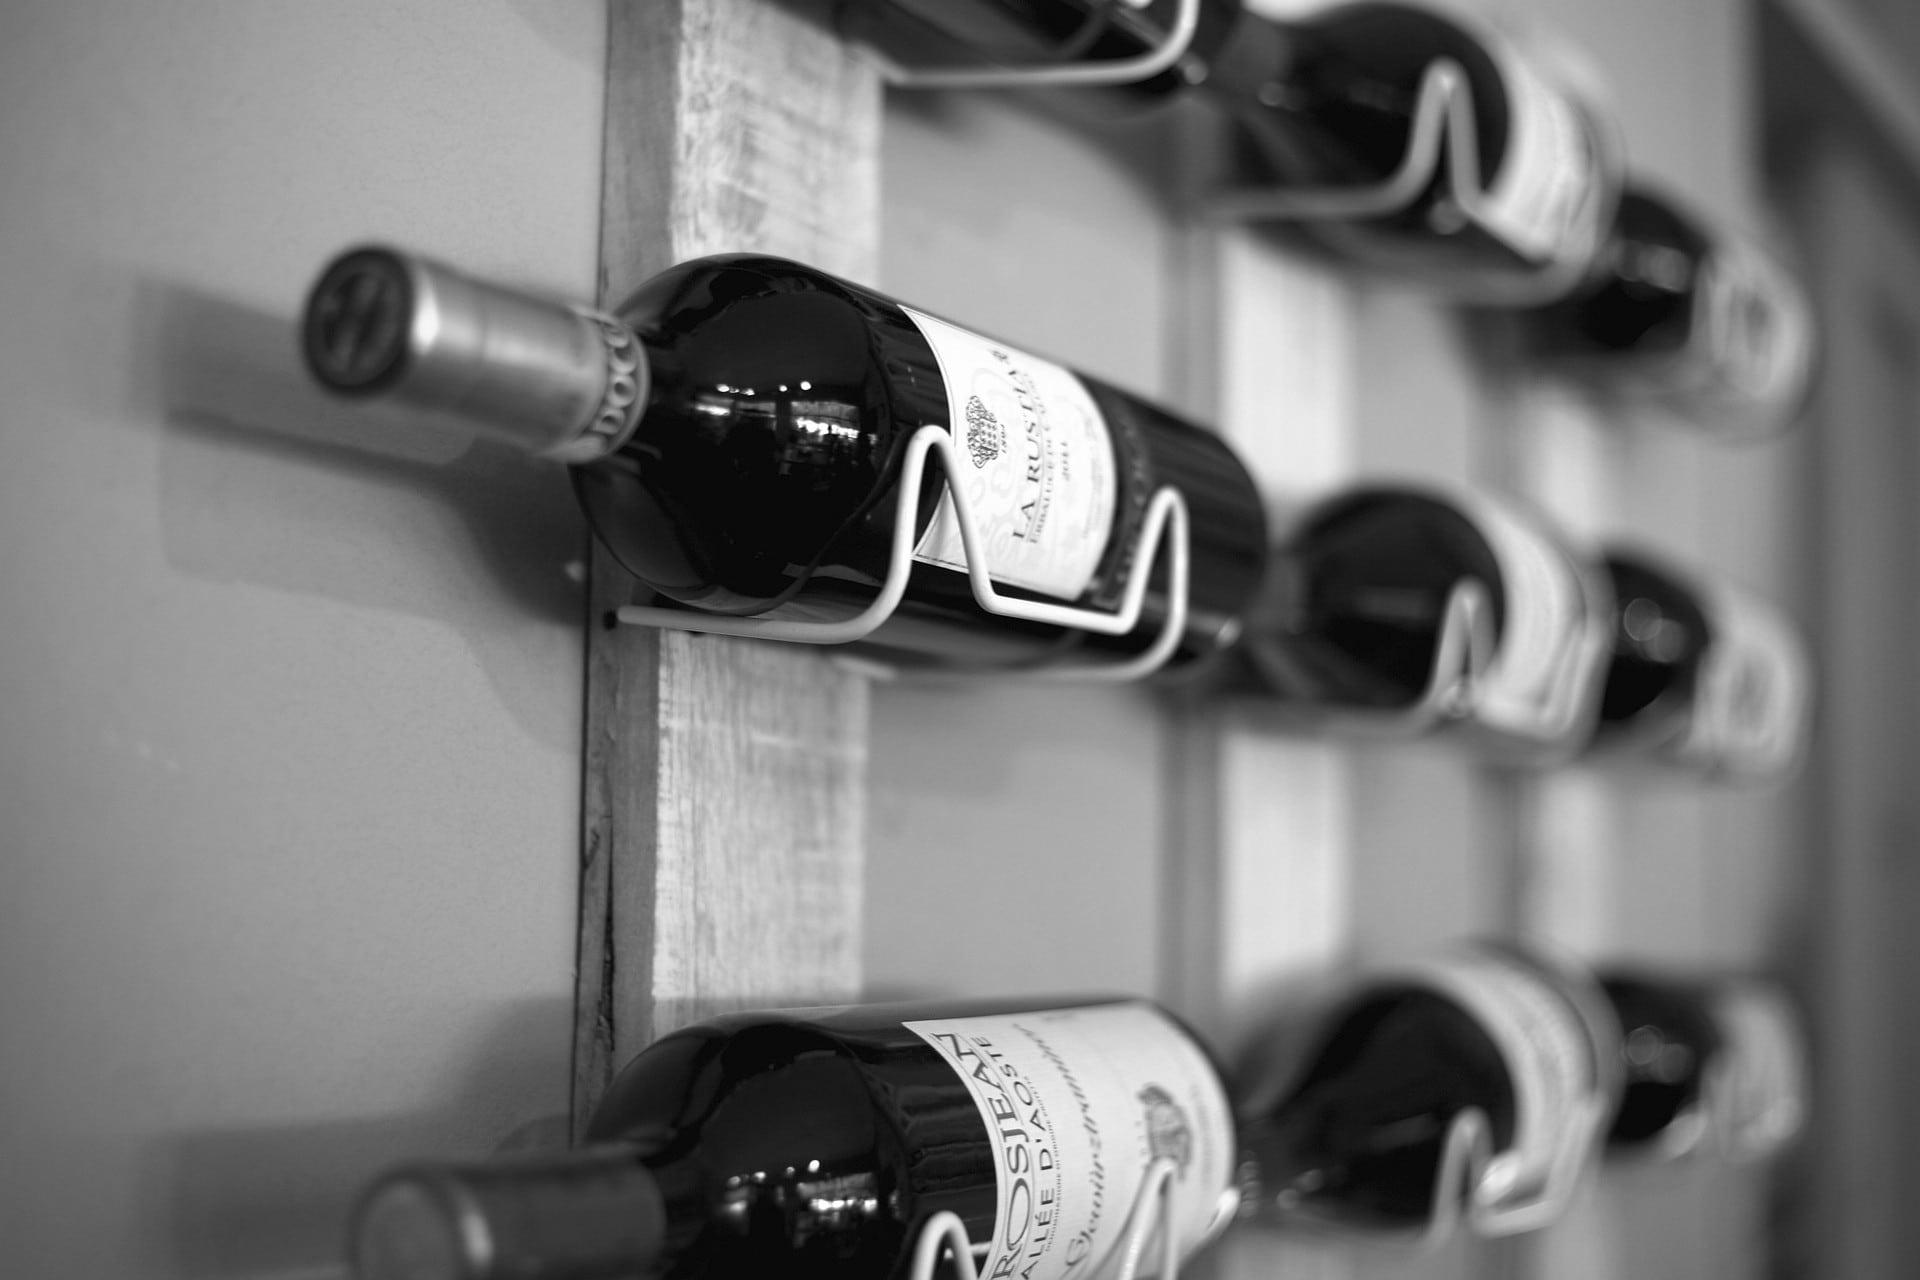 wine-rack-438443_1920-zw